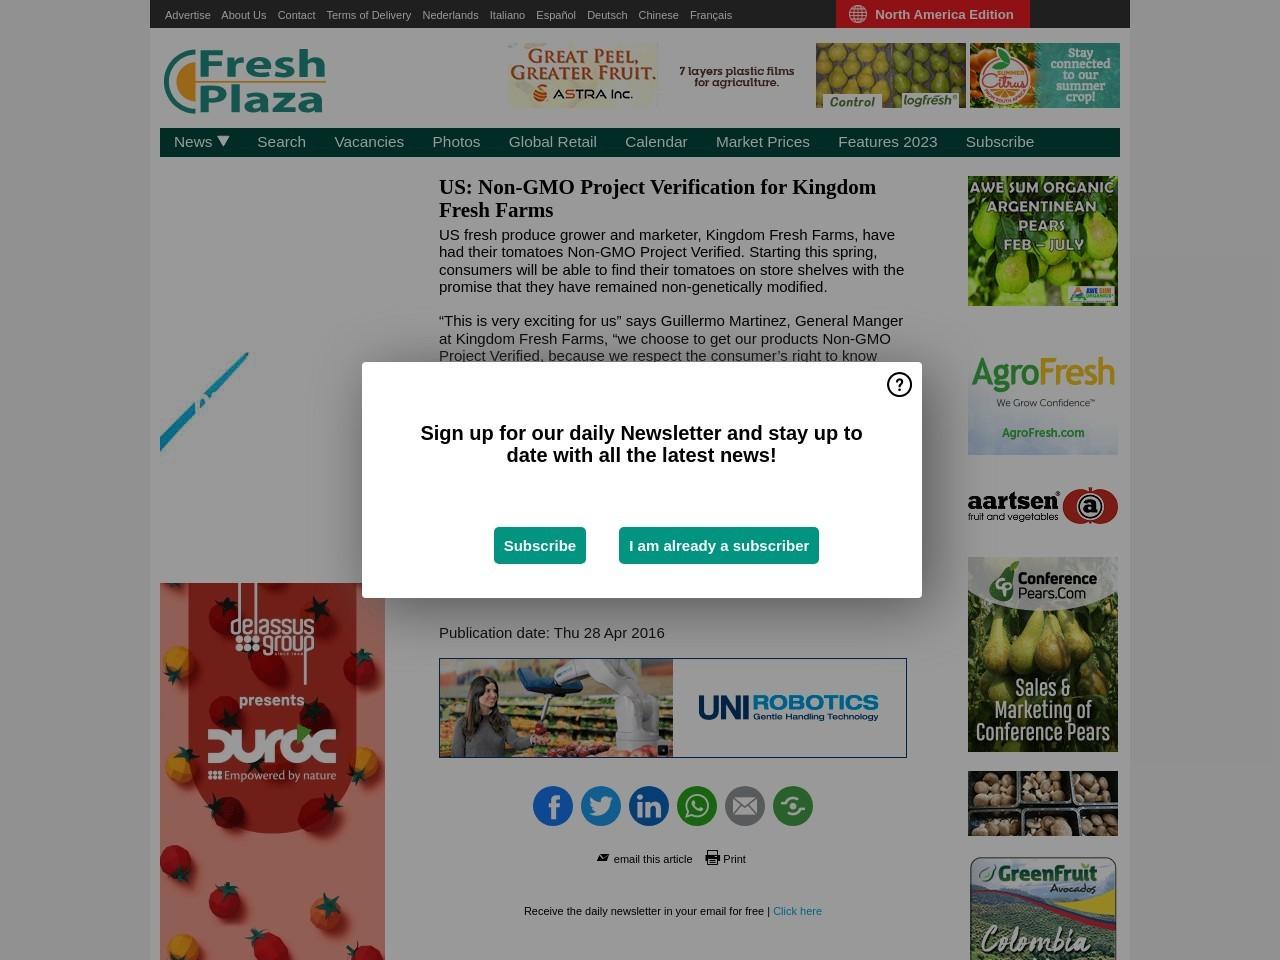 US: Non-GMO Project Verification for Kingdom Fresh Farms